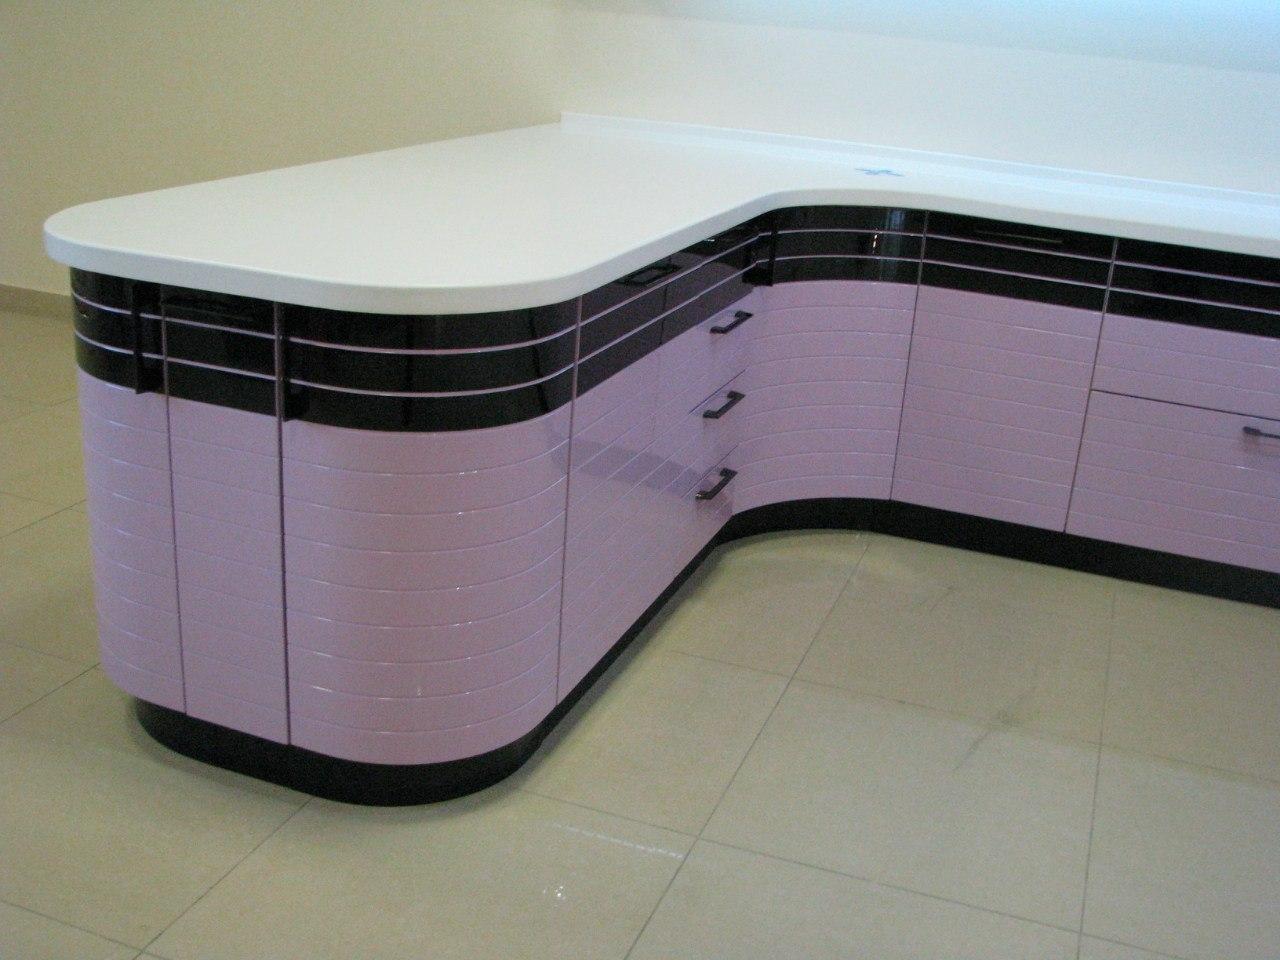 Кухонные шкафы 013 Лигна лилово-черный островок готовки